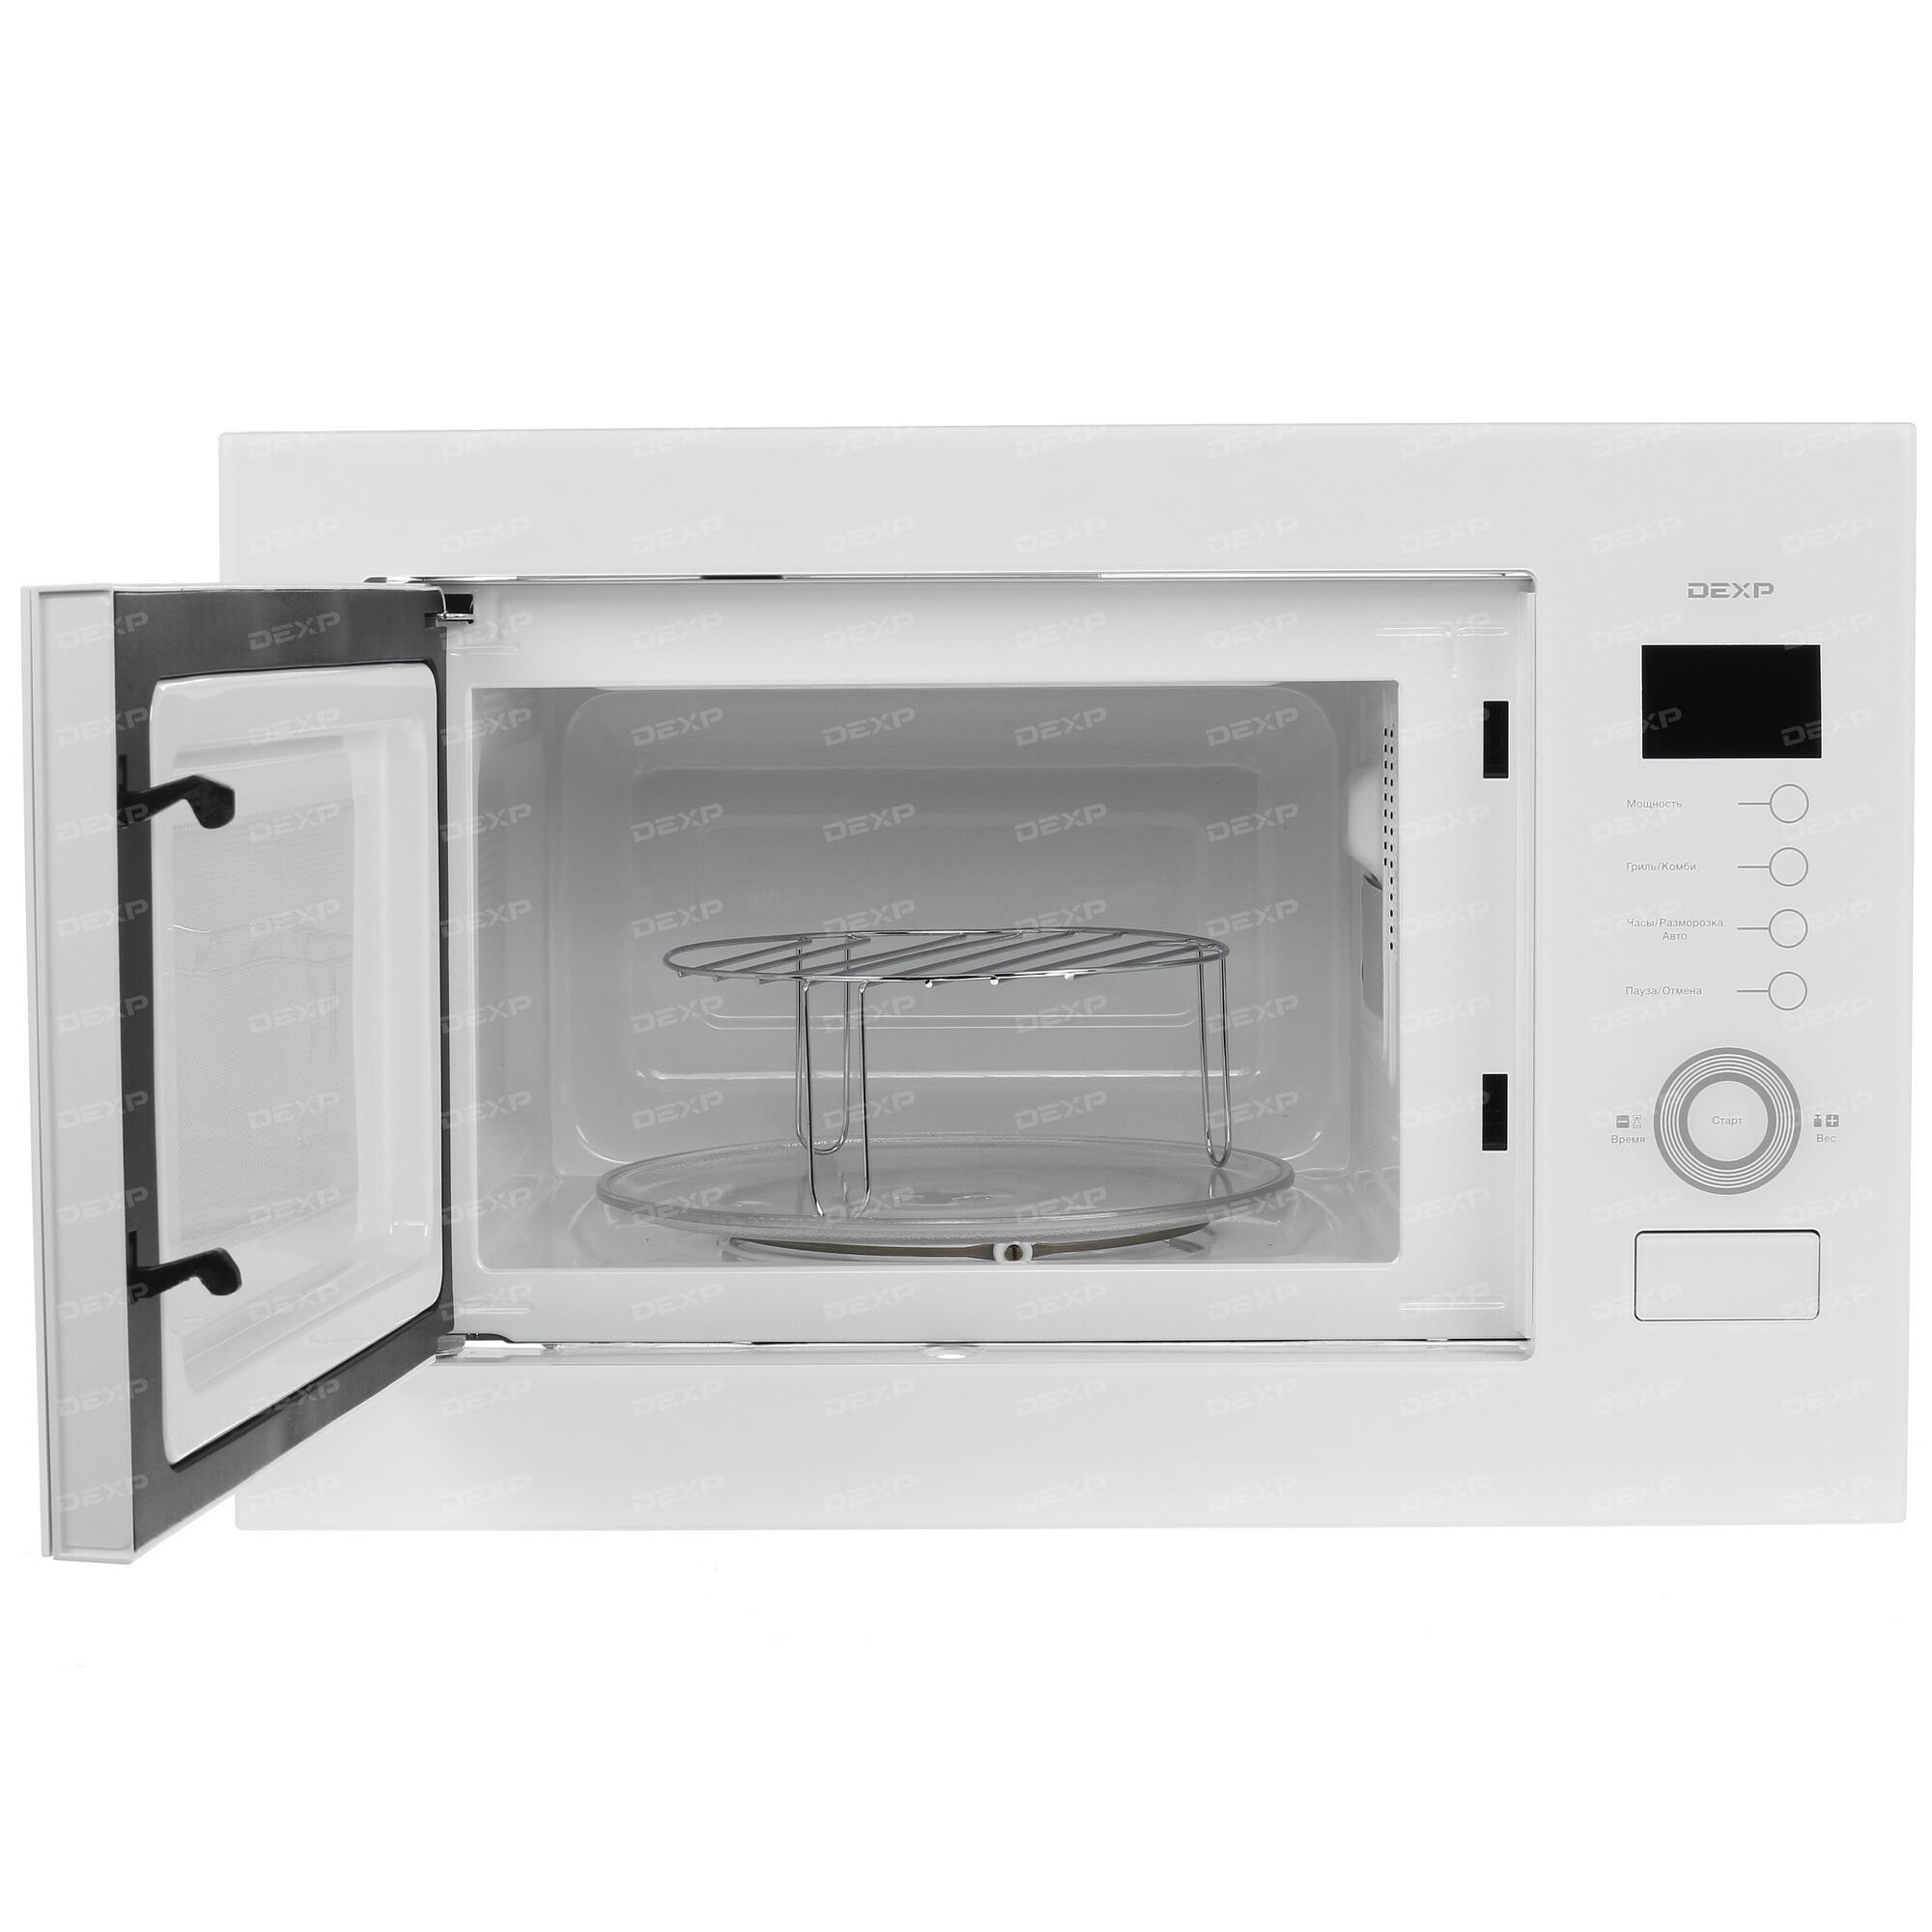 встраиваемая микроволновая печь белого цвета